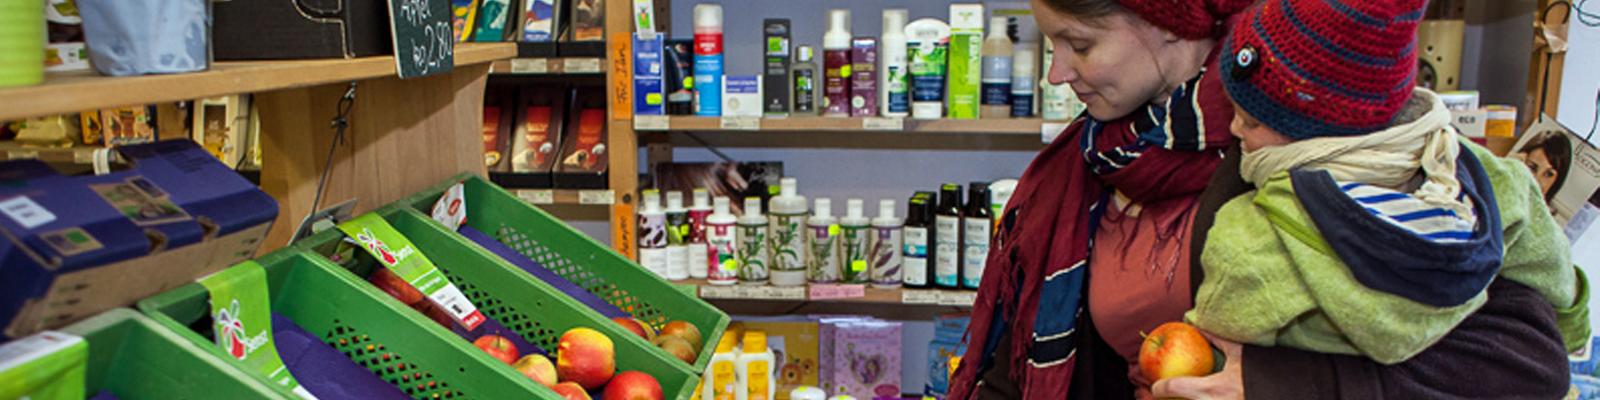 Kosmetik im Wurzelwerk - Bioladen und Einkaufsgemeinschaft in Berlin